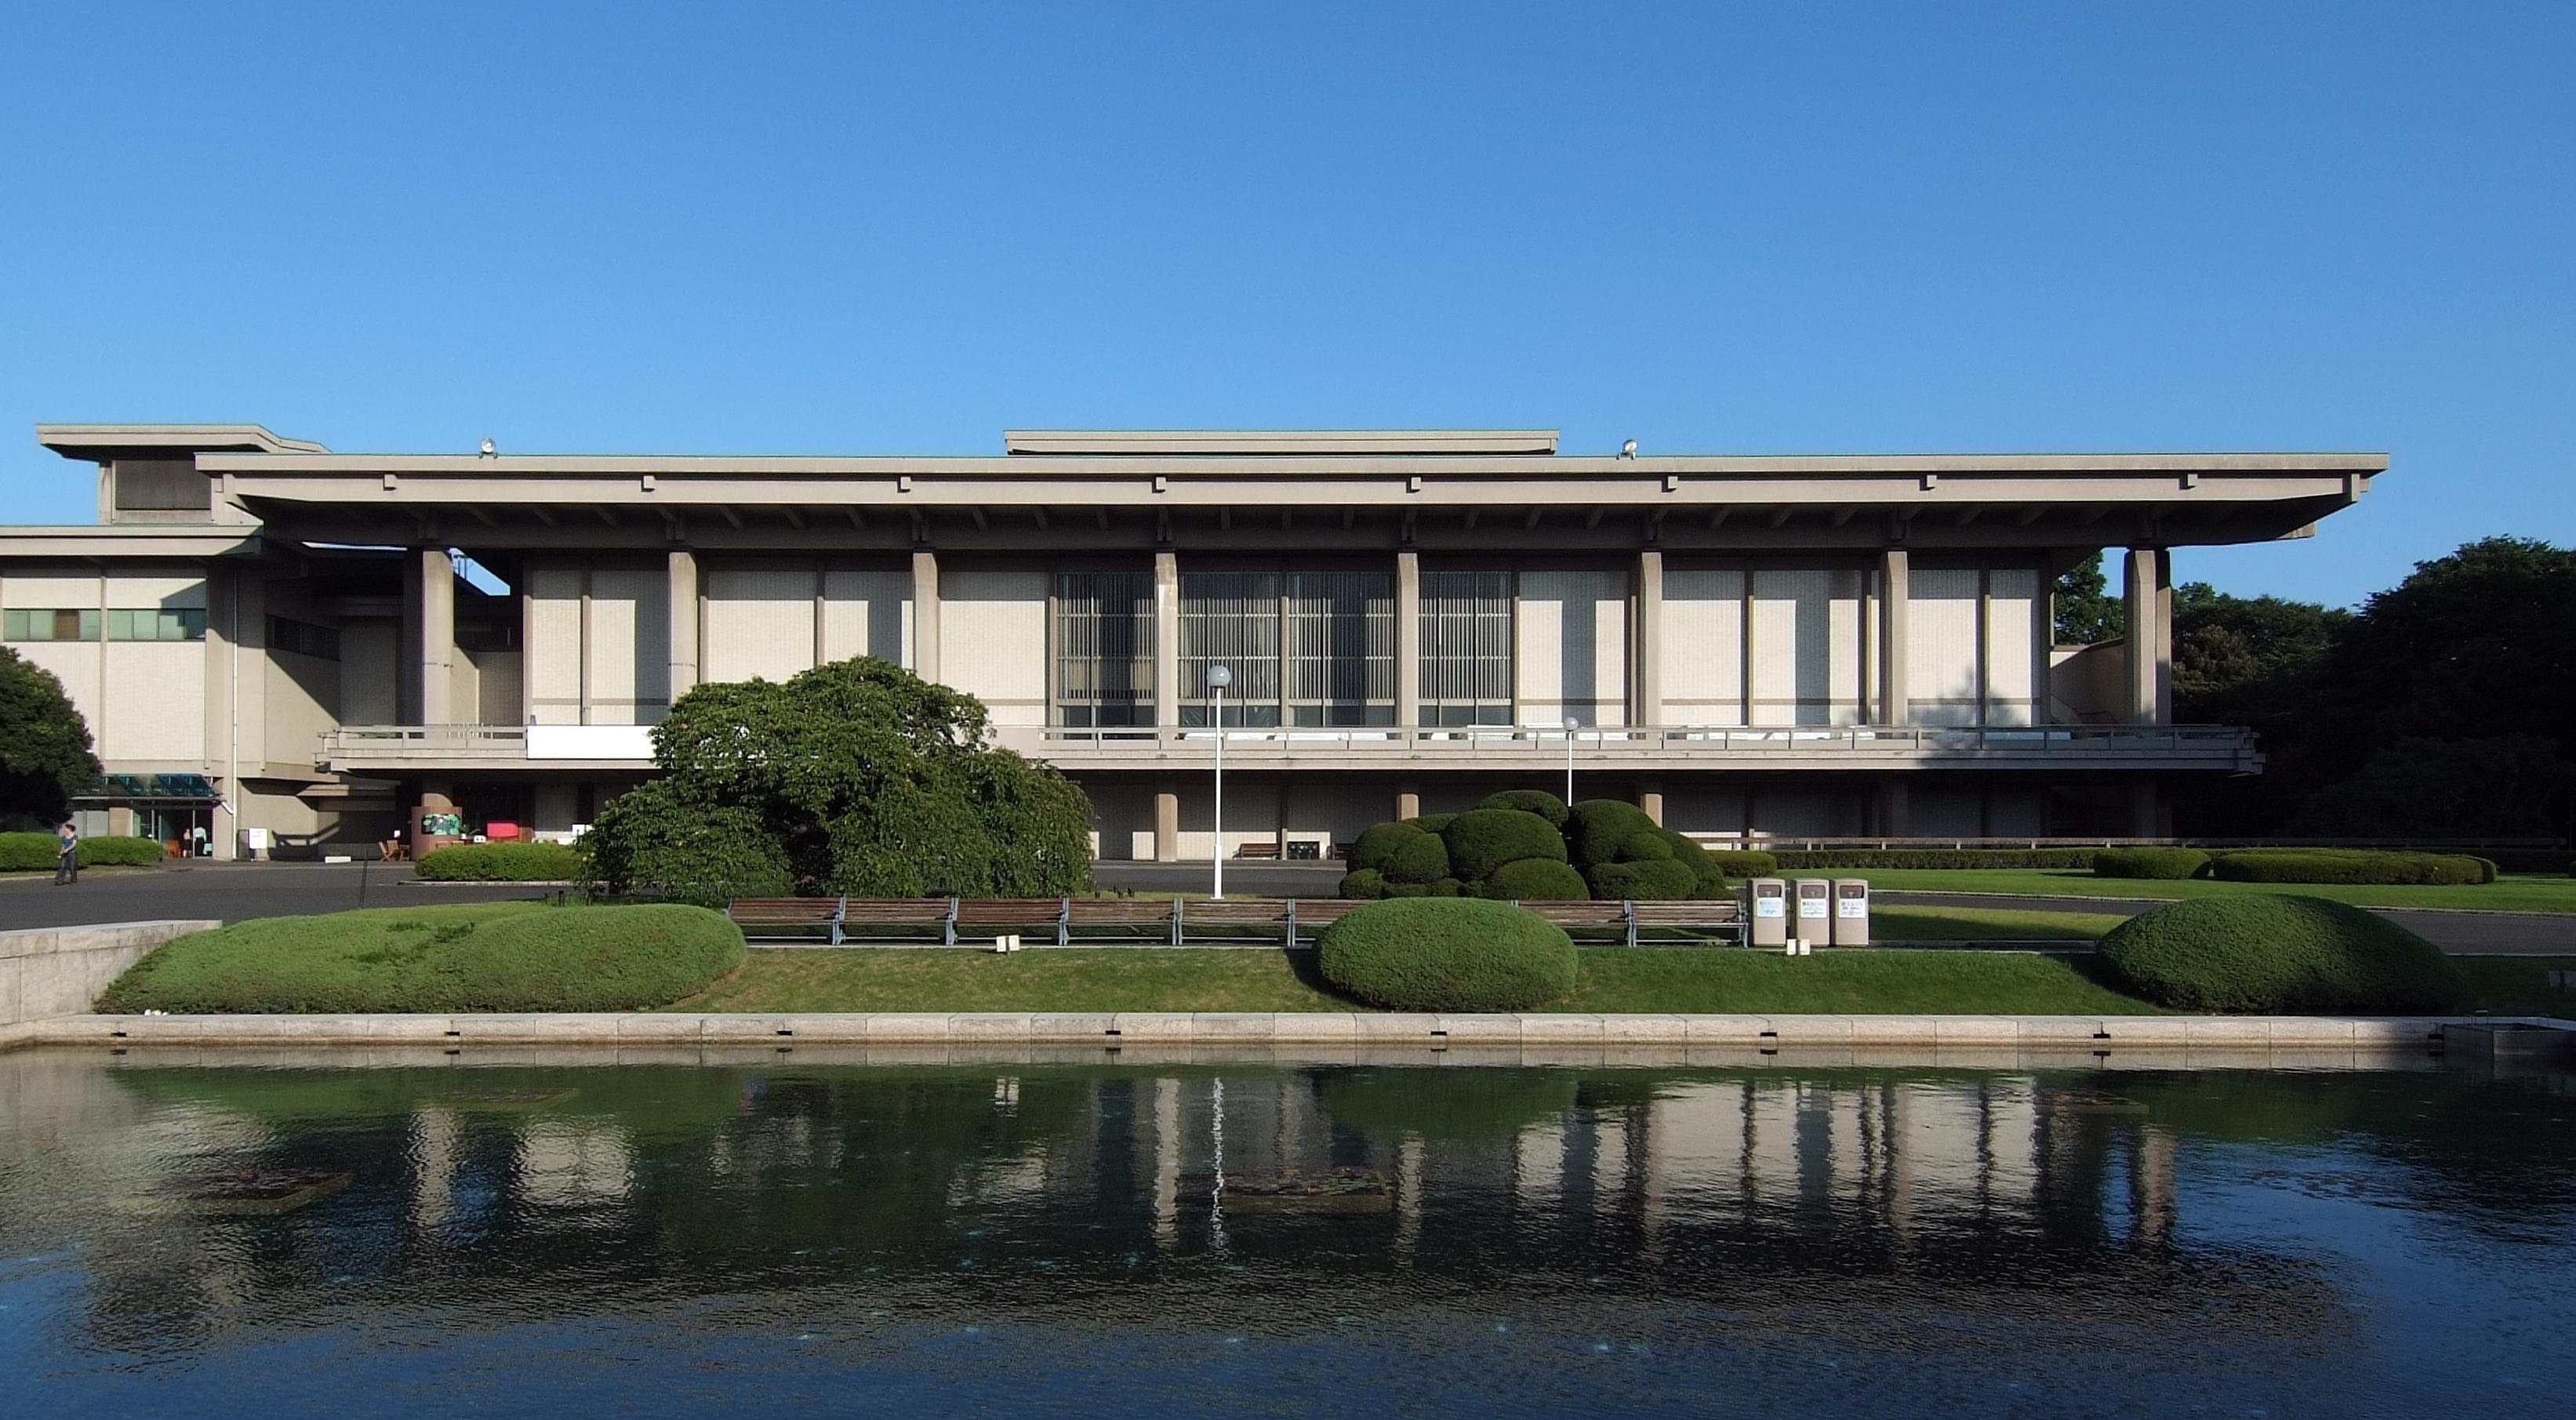 https://upload.wikimedia.org/wikipedia/commons/b/b0/Toyokan_of_Tokyo_National_Museum.jpg